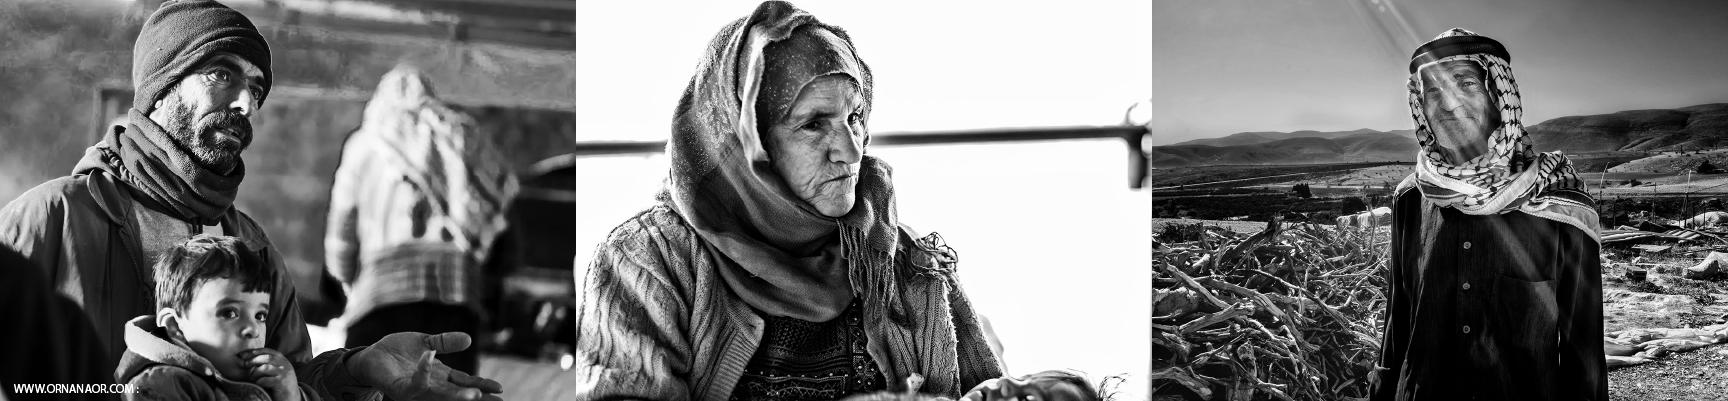 אלה האנשים בבקעת הירדן שחשופים להטרדות התעללות והריסות. צילום: אורנה נאור